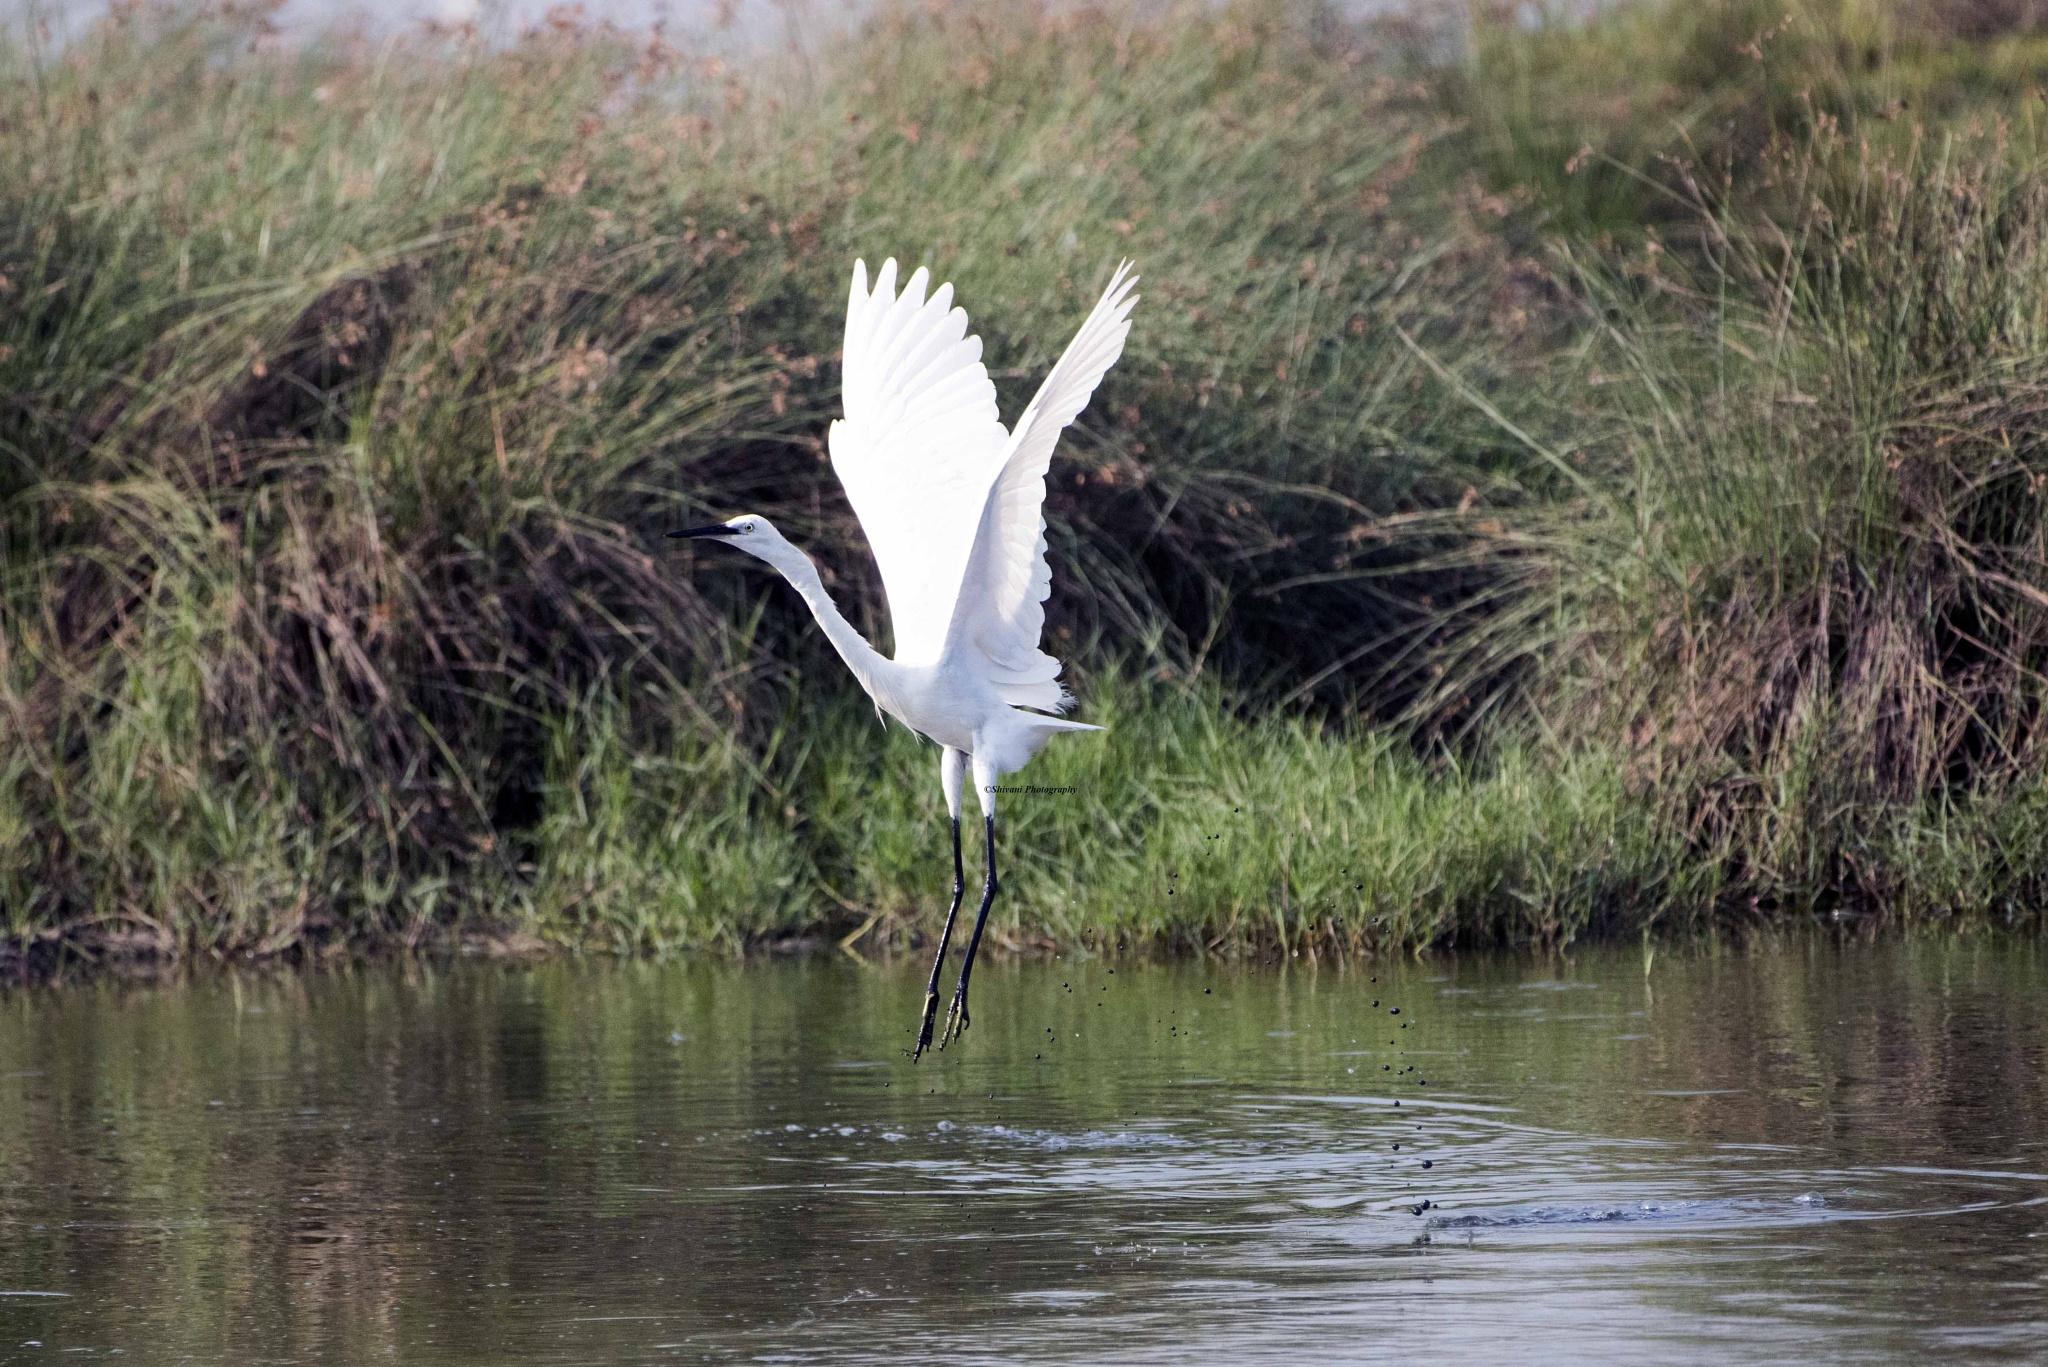 Egret landing in water by Srinivasan Krishnamurthi